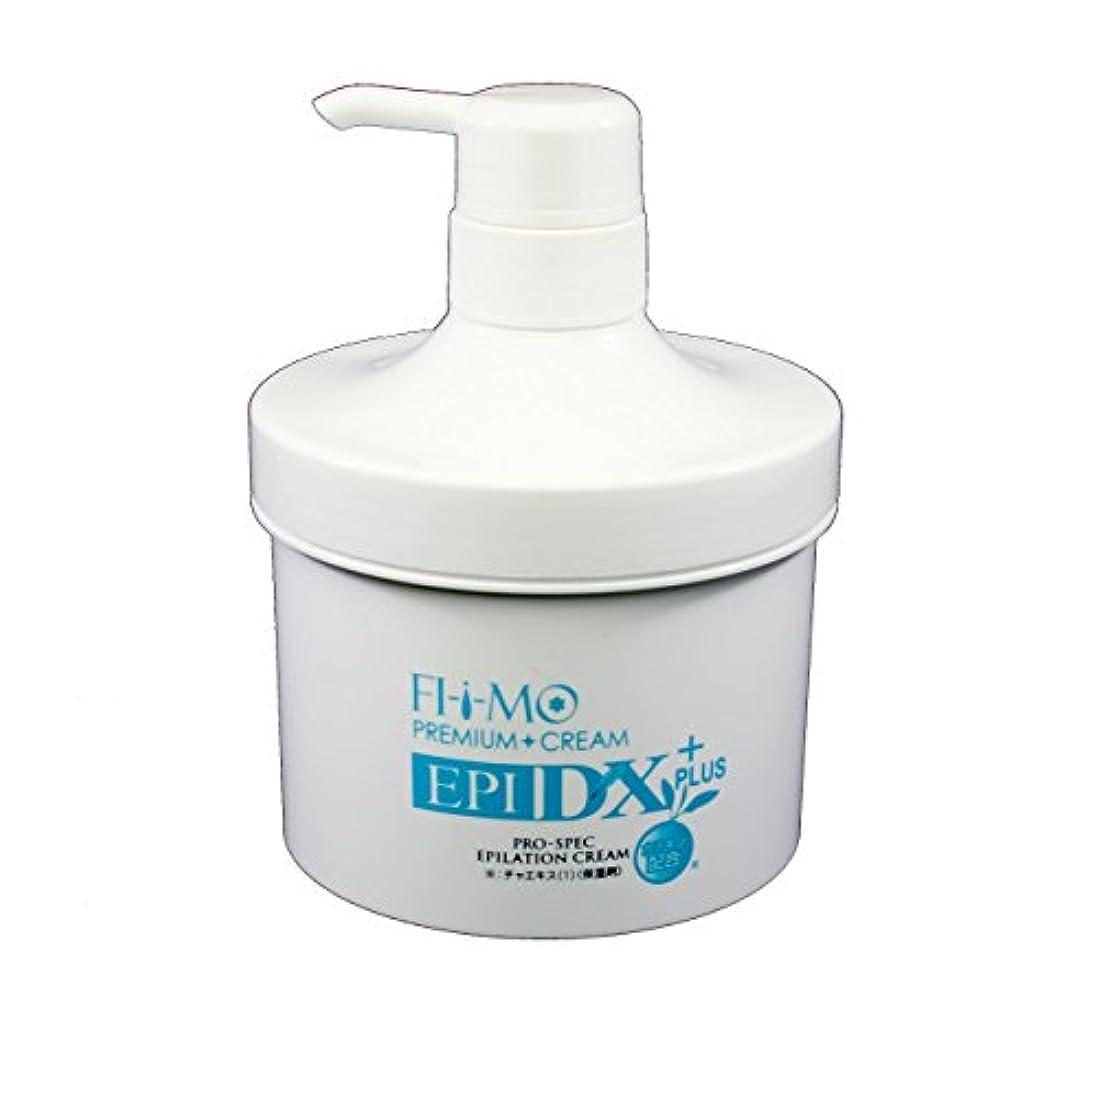 失望させるスティックポルノ男女兼用除毛クリーム FI-i-MO エピDX PLUS 500g